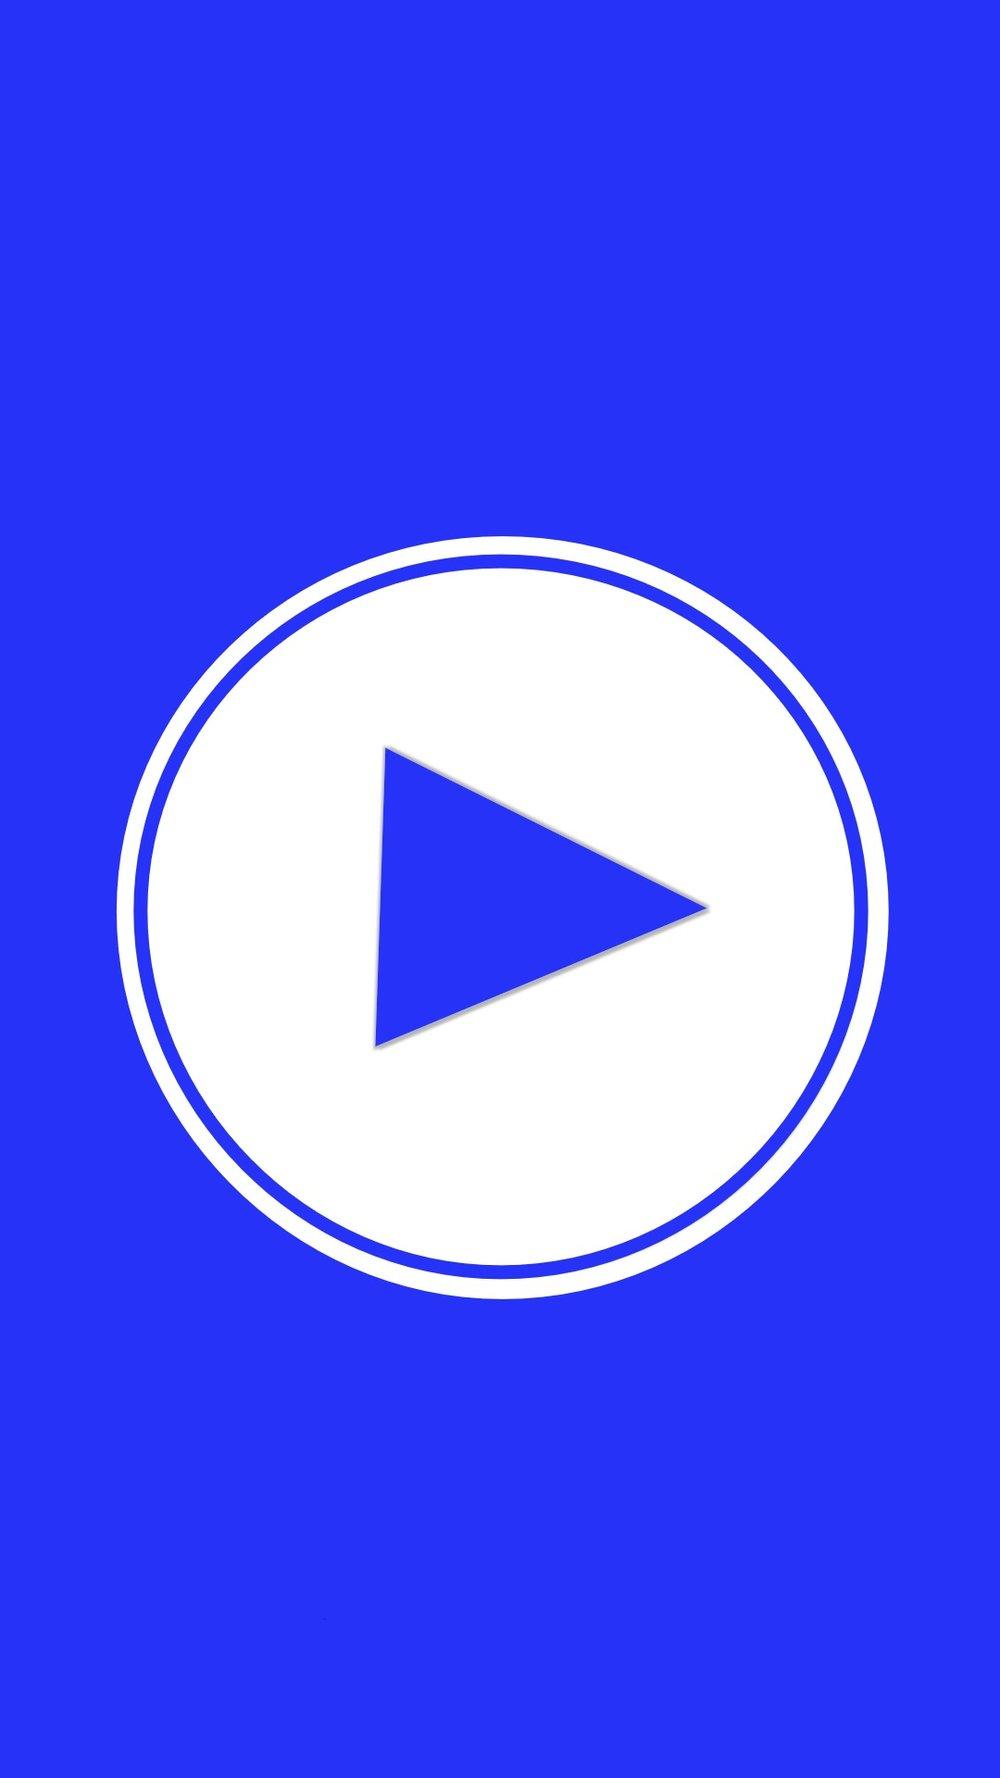 Instagram-cover-play-blue-lotnotes.com.jpg